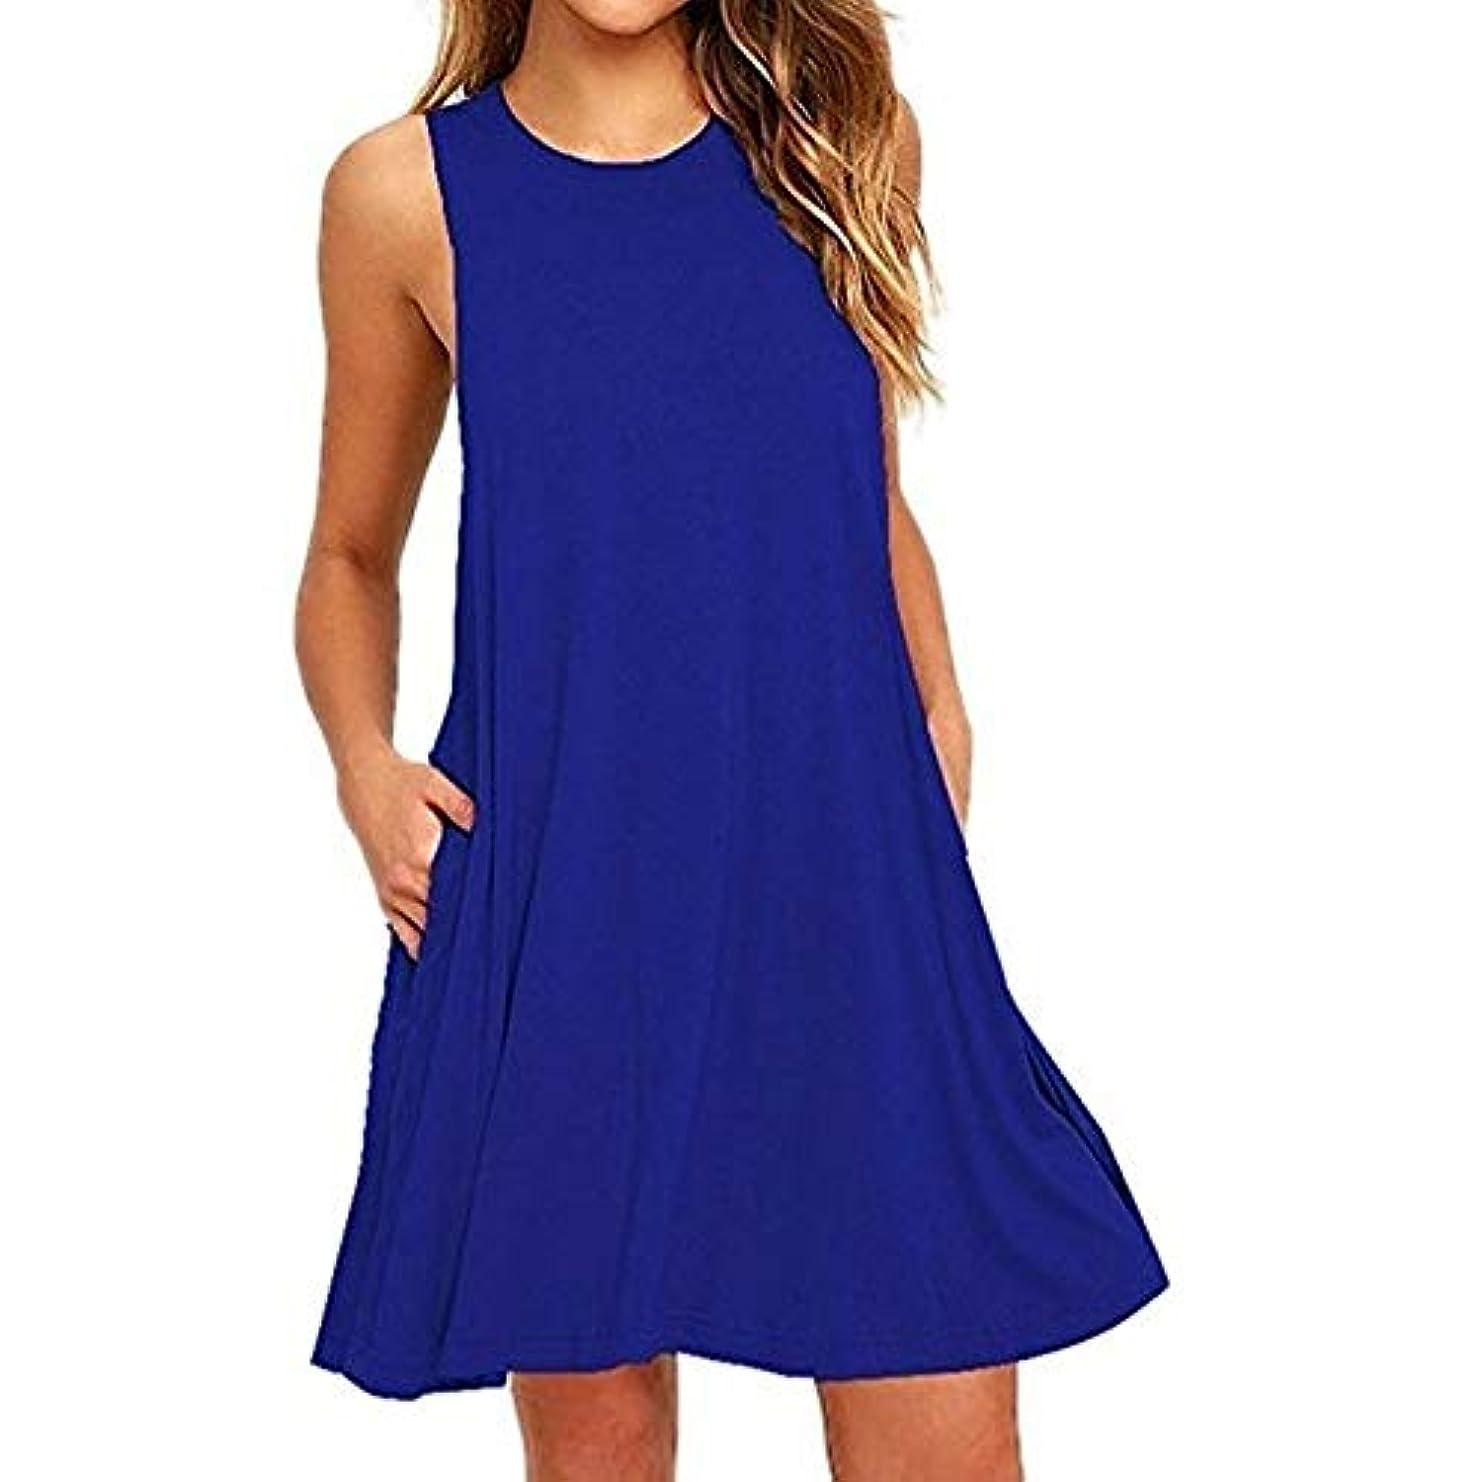 ビジョンぞっとするような処理MIFAN 人の女性のドレス、プラスサイズのドレス、ノースリーブのドレス、ミニドレス、ホルタードレス、コットンドレス